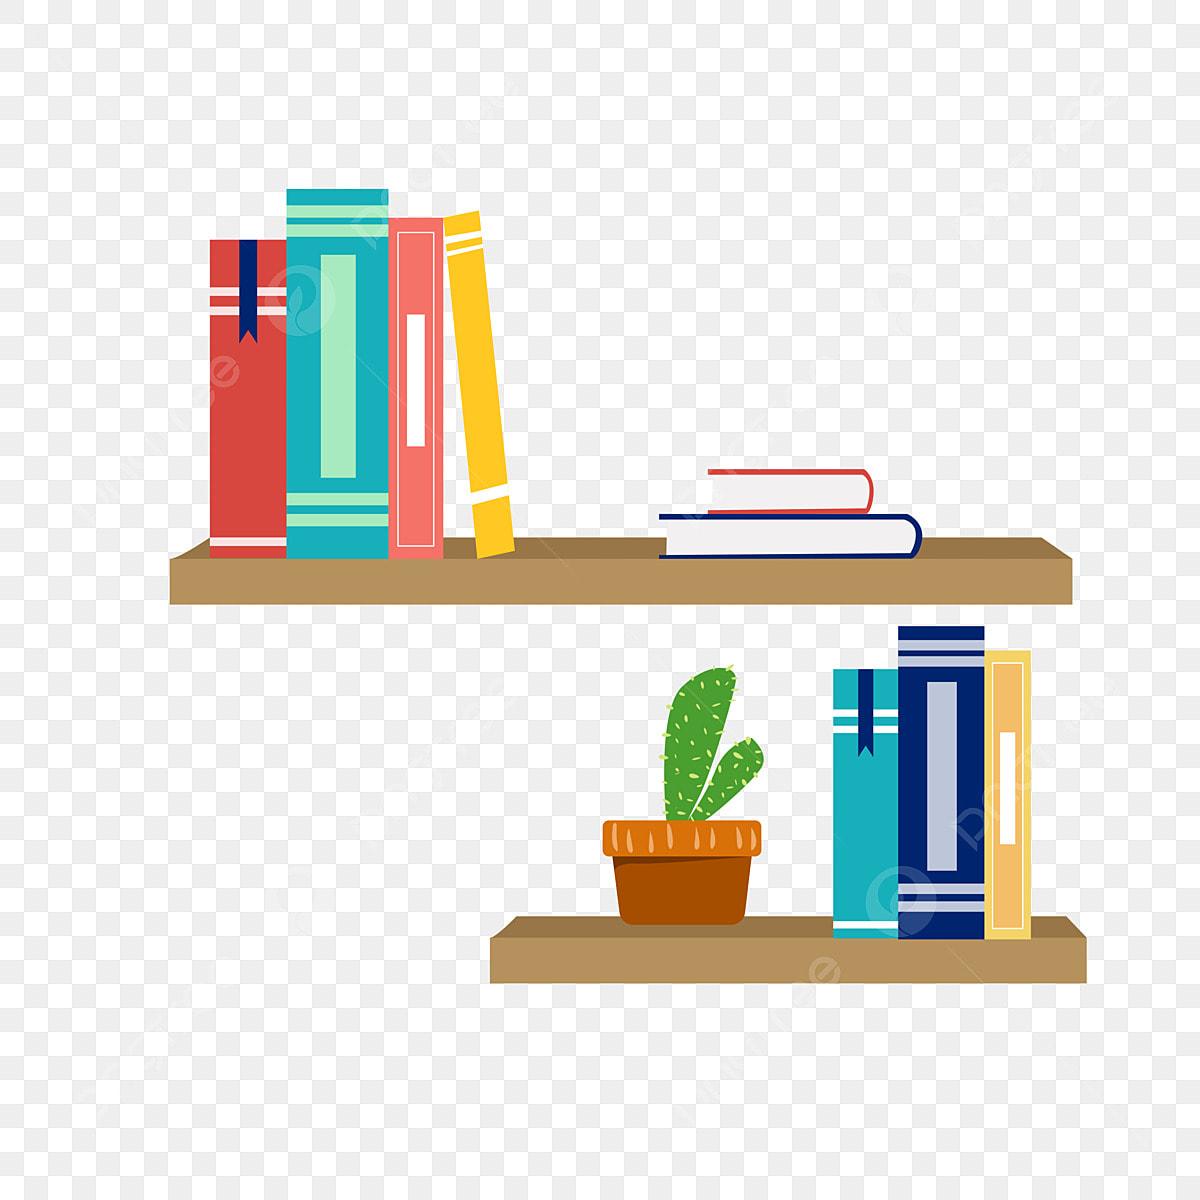 Scaffalature In Legno Per Libri.Scaffali In Legno Scaffali Creativi Libri Libri Di Vari Colori L